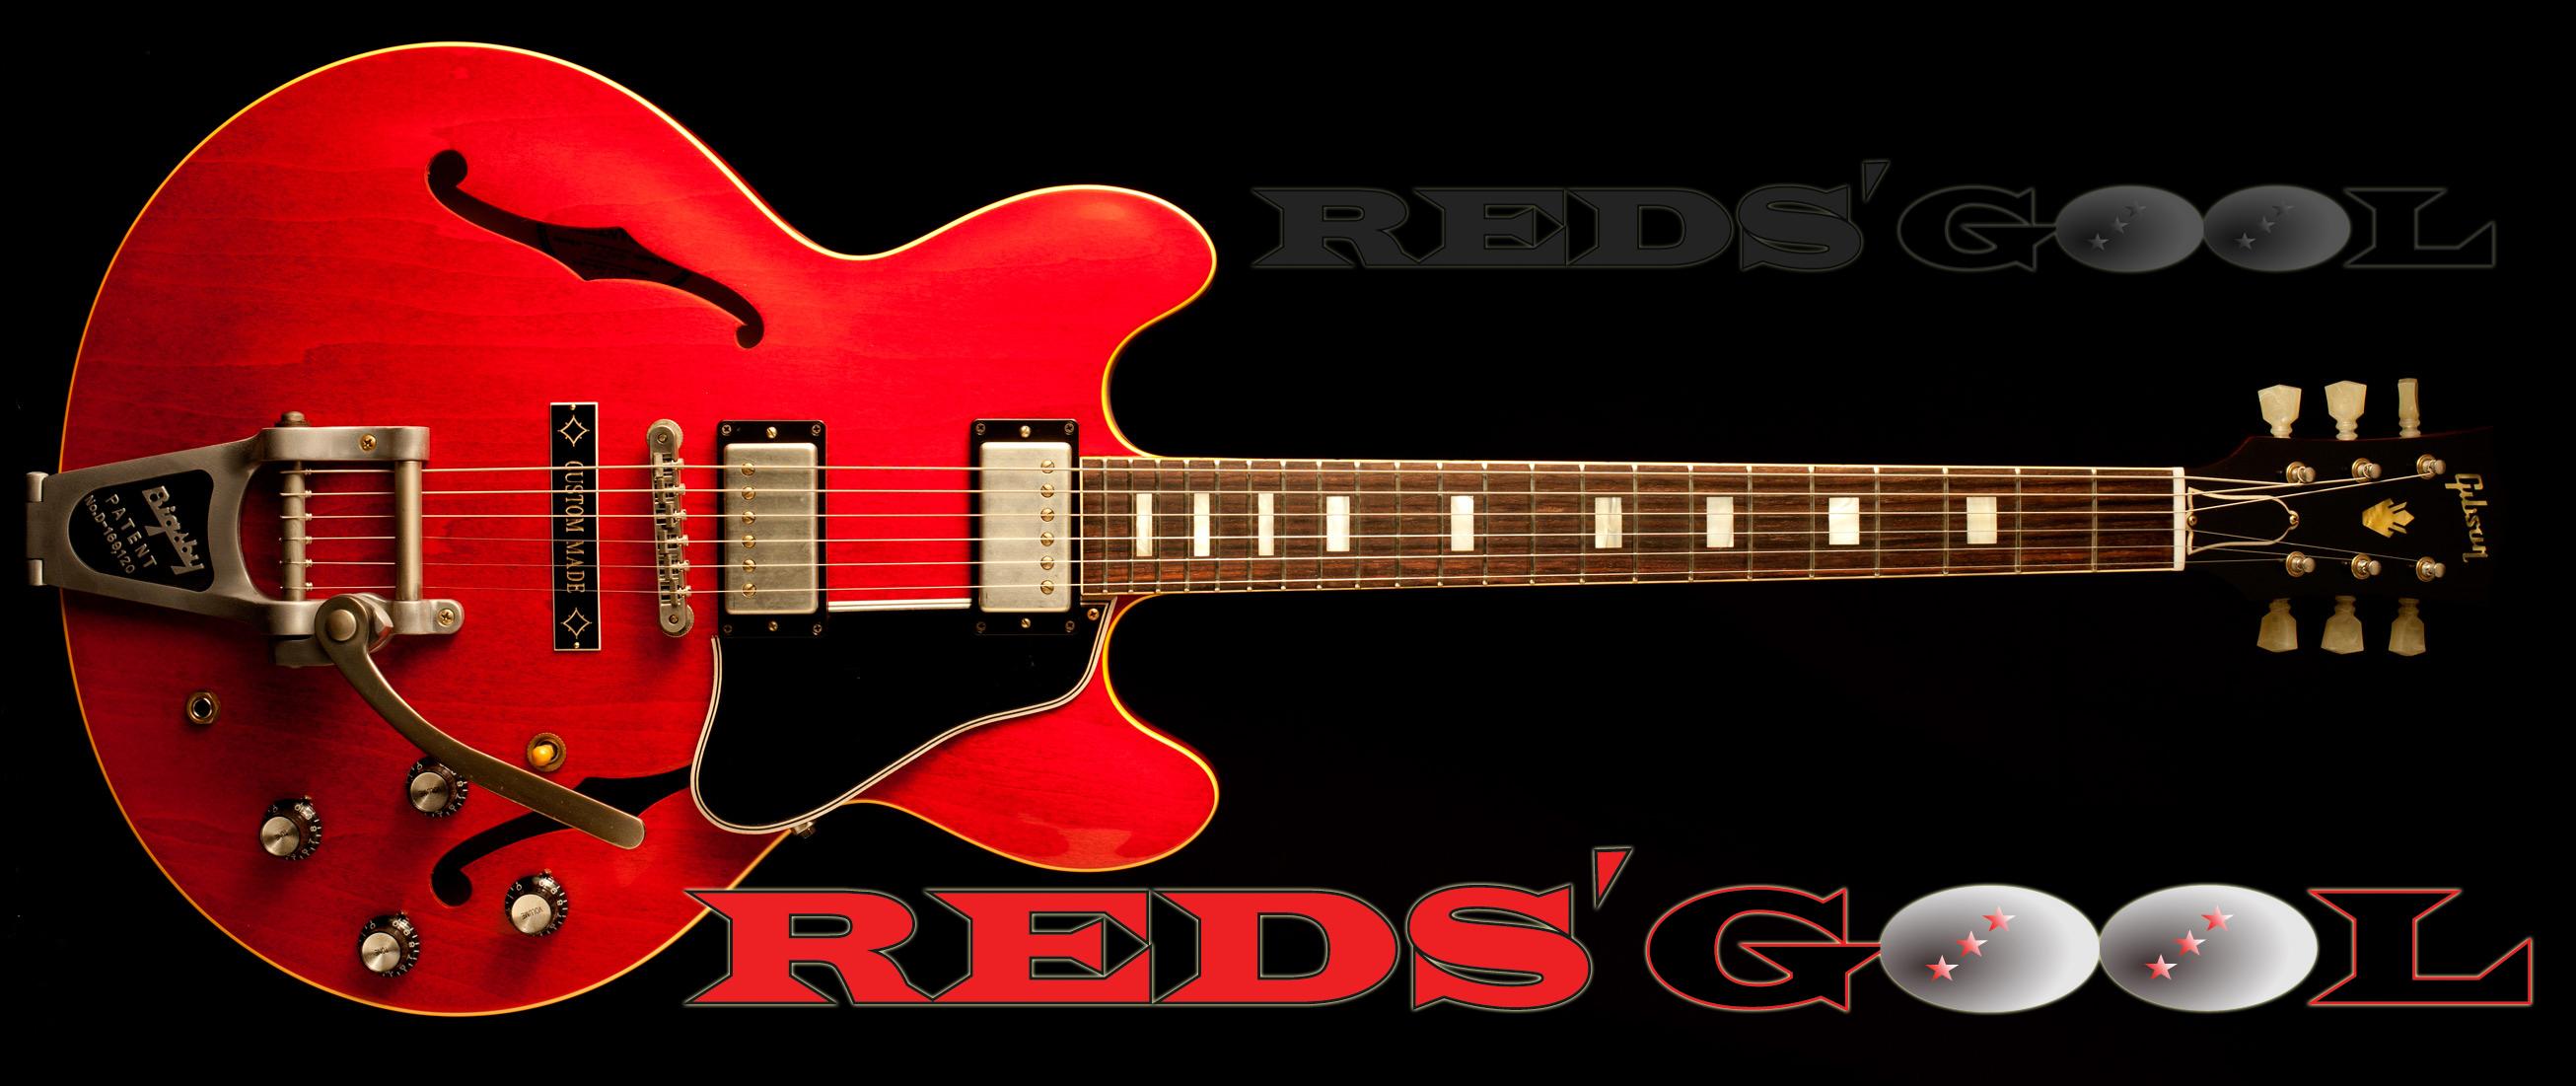 Логотип для музыкальной группы фото f_6215a5025e28e147.jpg